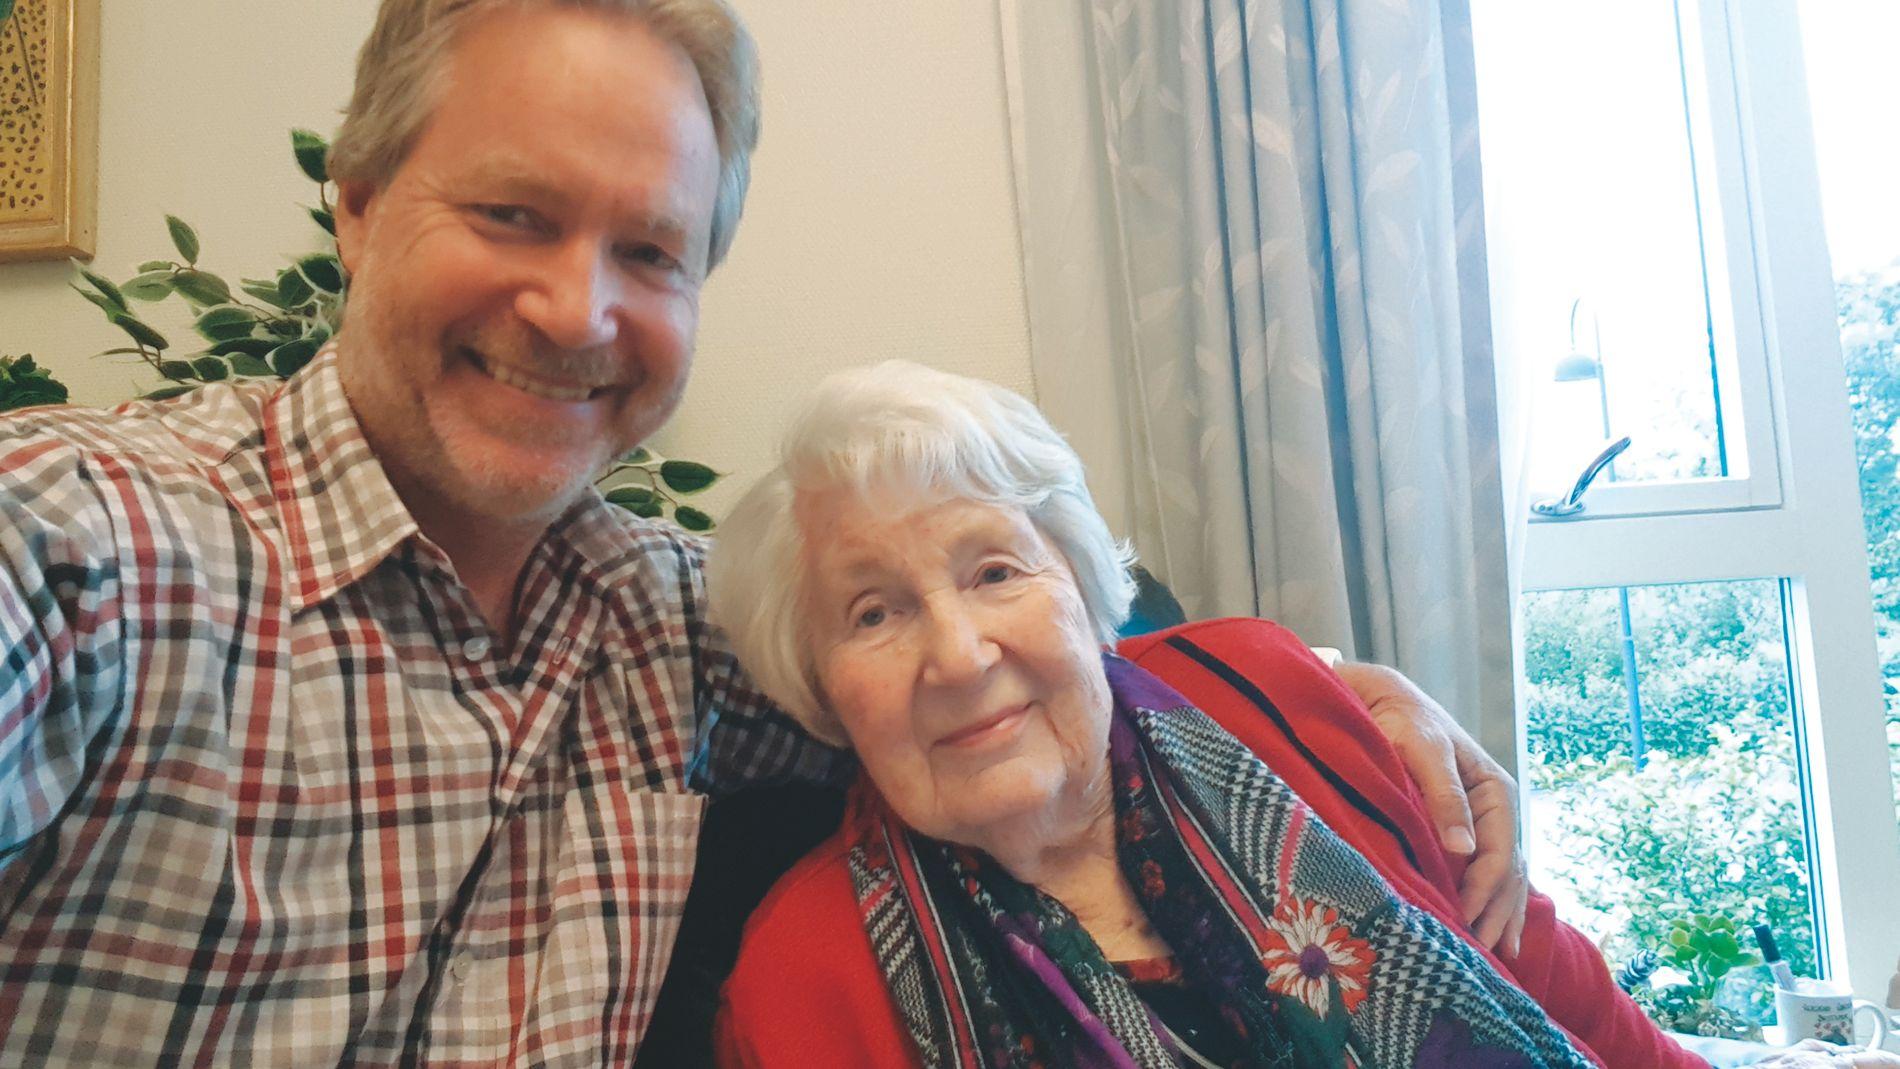 ANDRE BOLLER: Ingrid Alfheim er godt fornøyd med nykokte poteter hjemme hos sønnen Per Gunnar. De oppvarmede potetene på sykehjemmet, derimot, kan hun spare seg for.